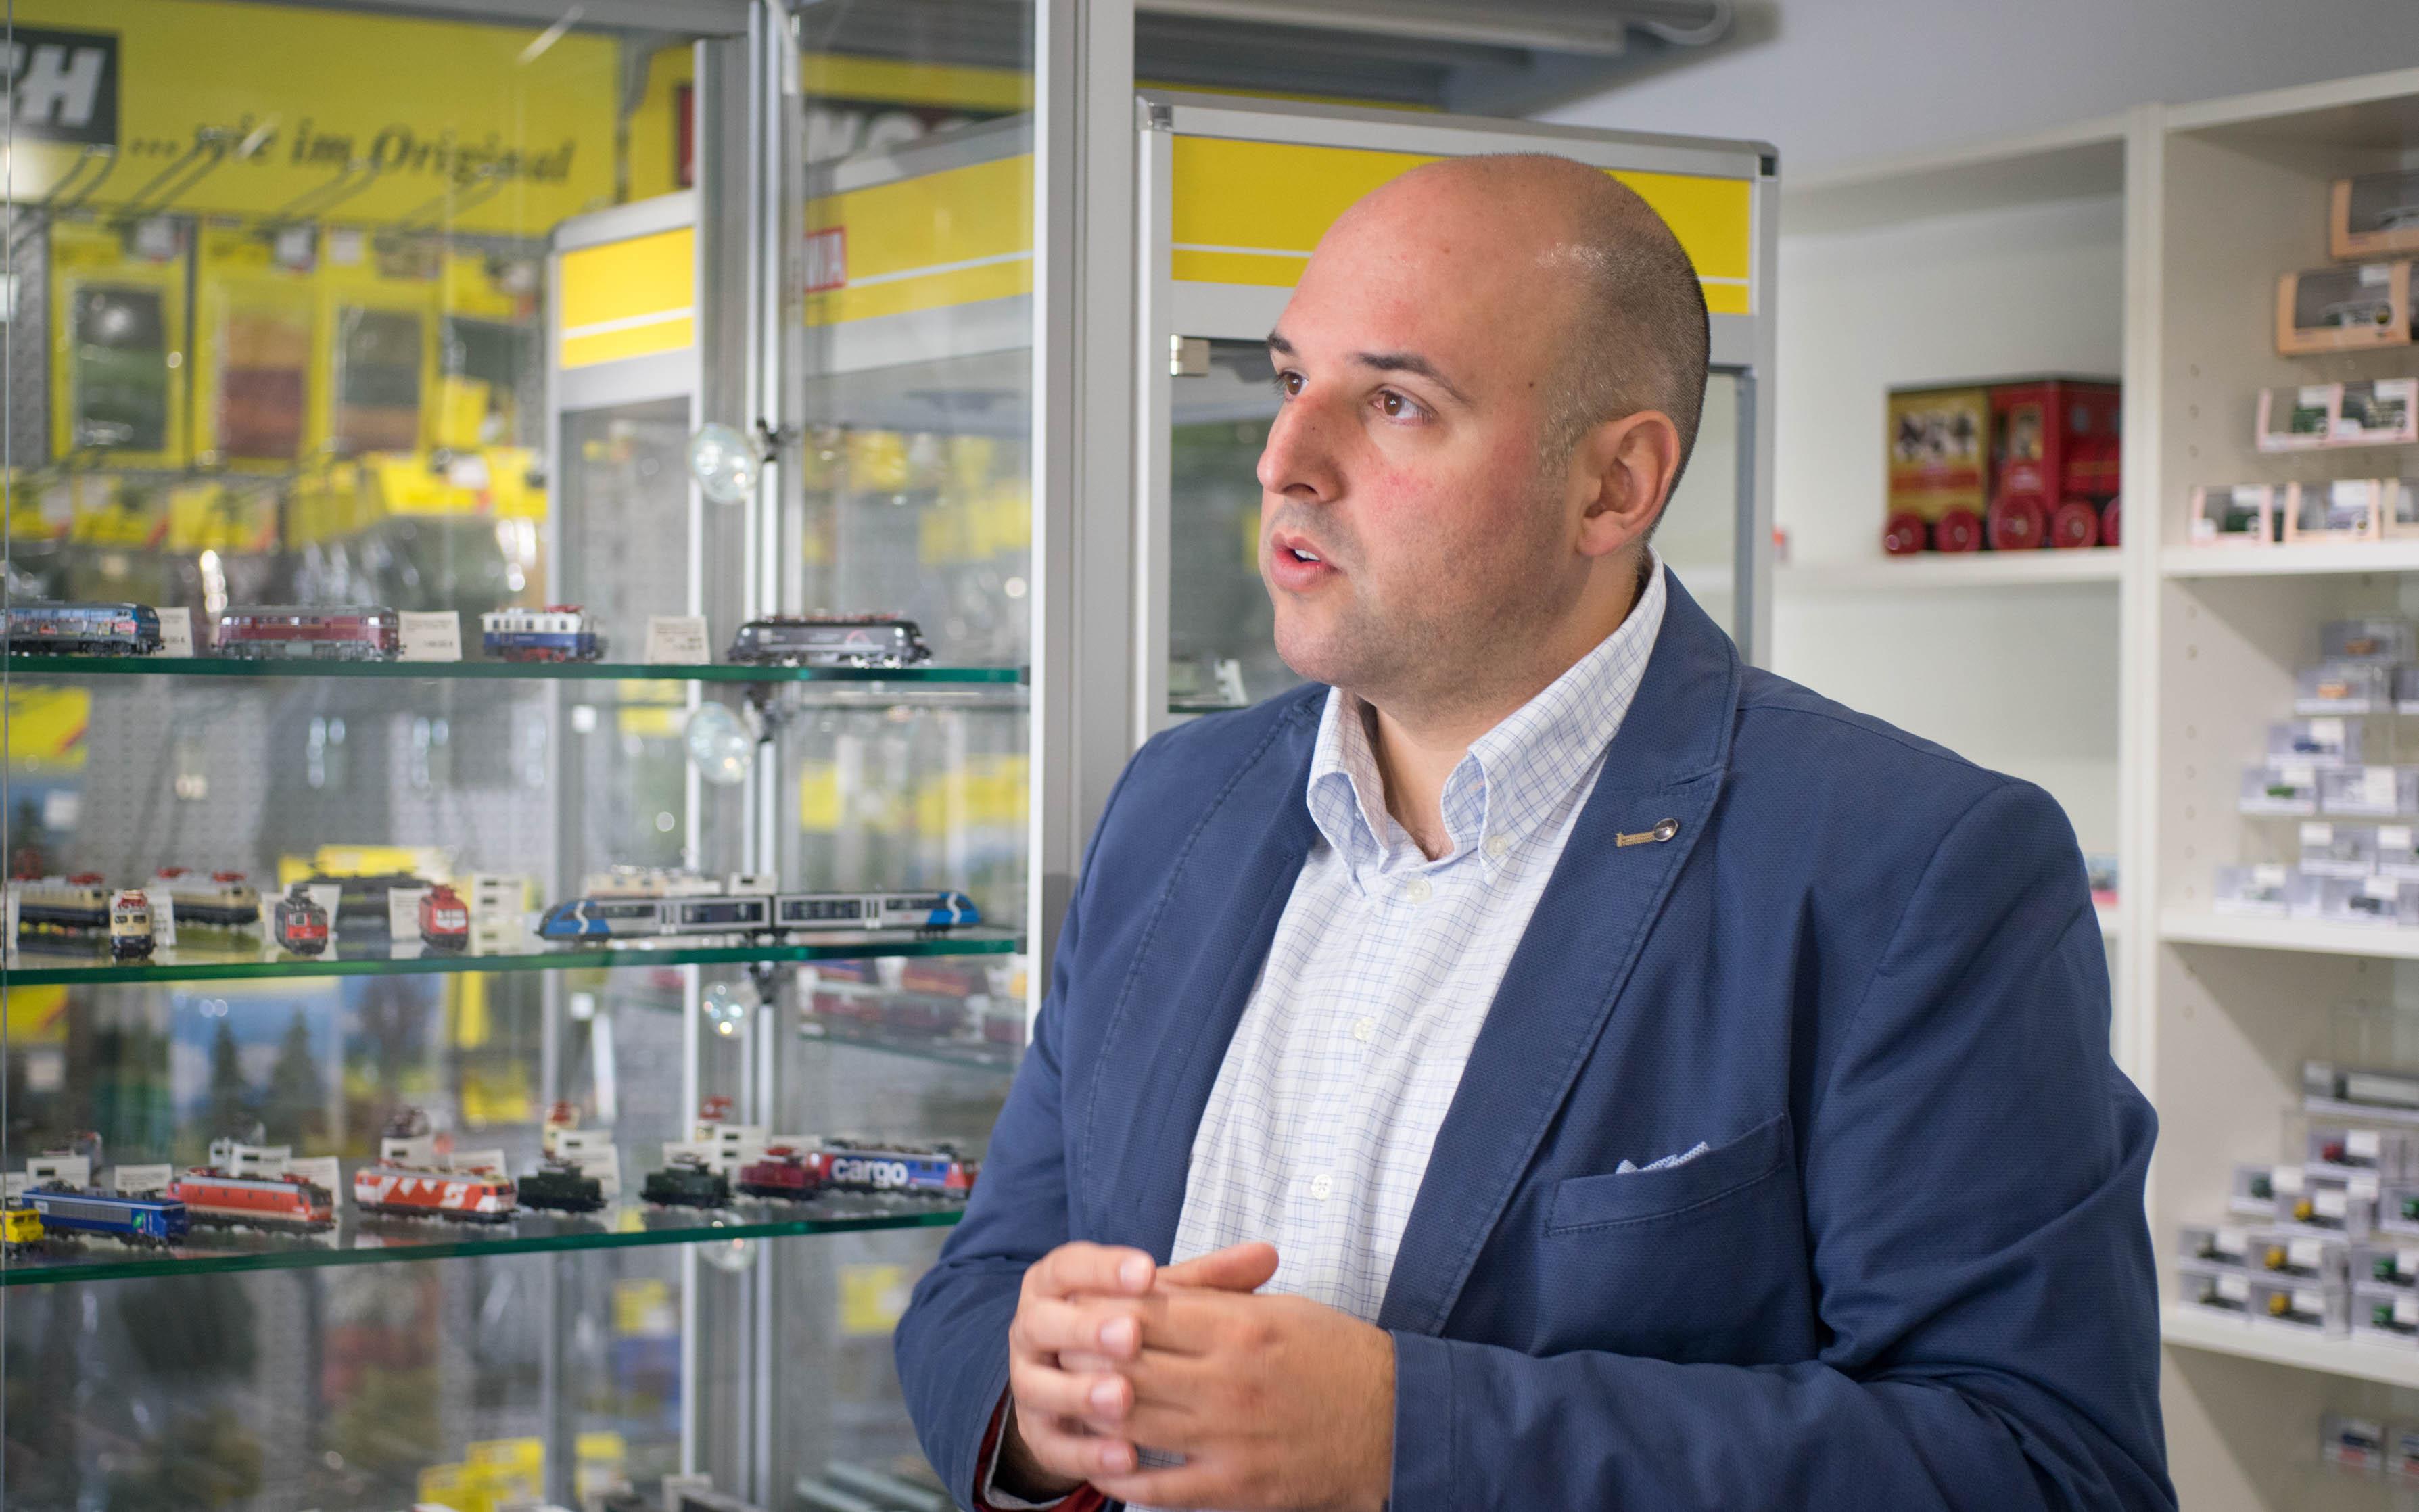 Daniel Mrugalski ist leidenschaftliche Eisenbahner und Geschäftsführer von DM-Toys, dem europäischen Marktführer für N-Spur (1:160). Foto: Ken Giang